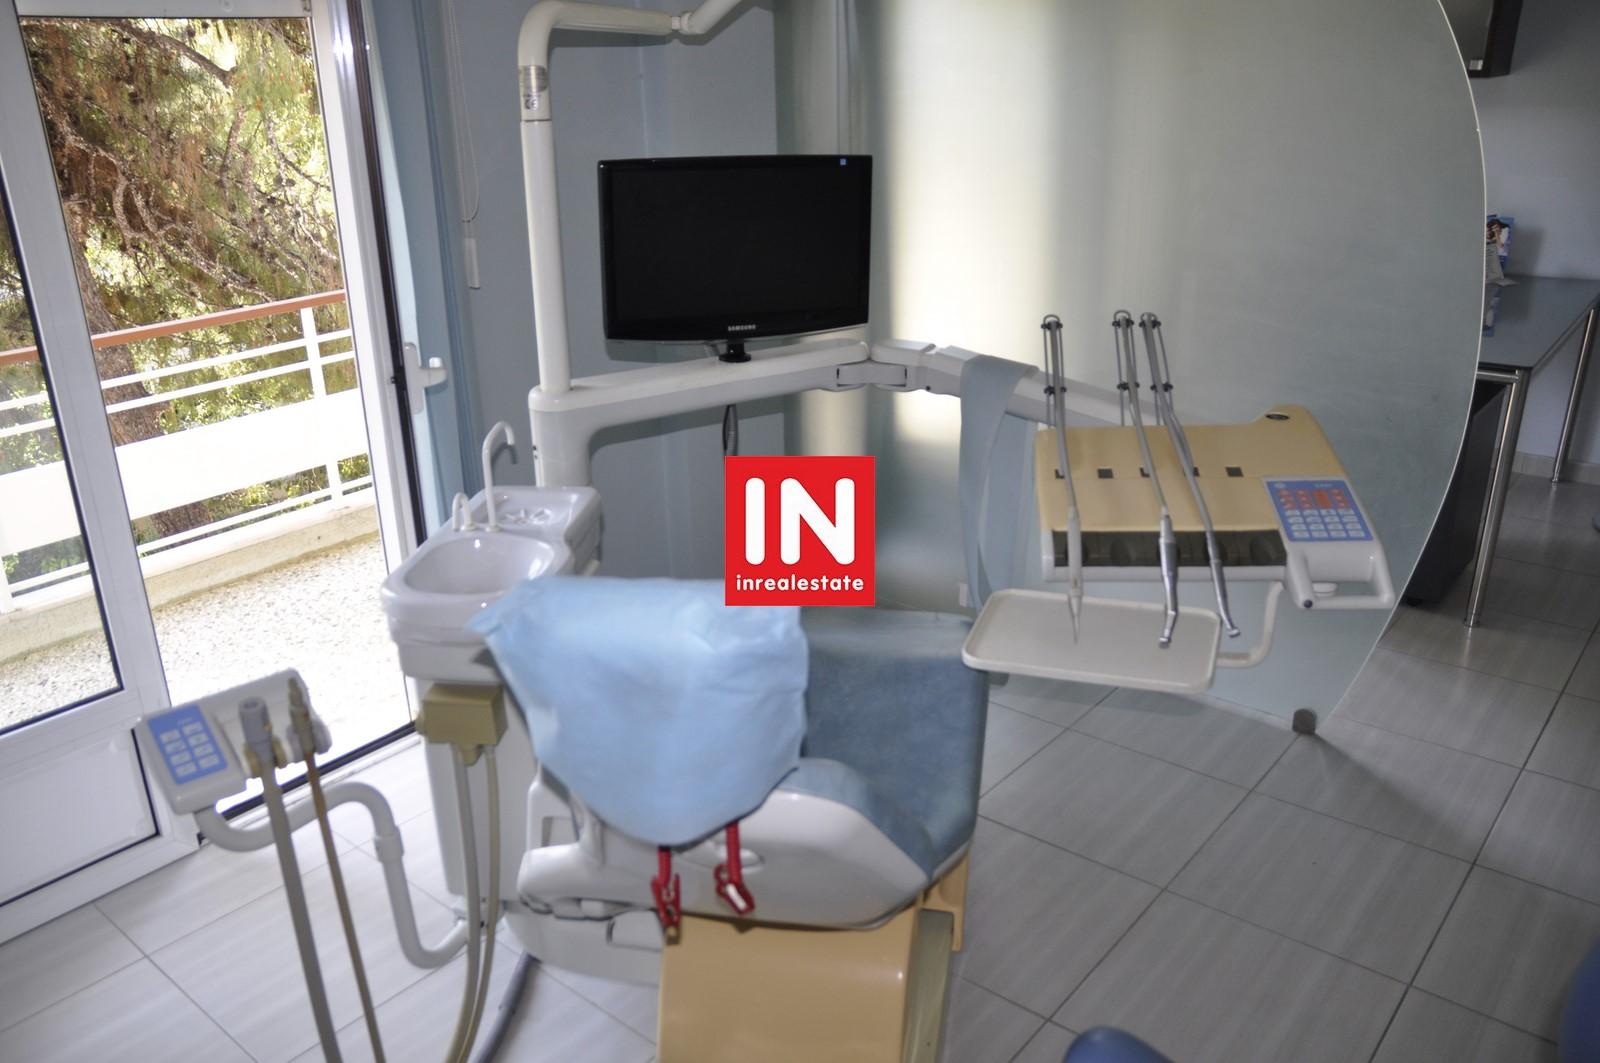 ΝΕ0 ΗΡΑΚΛΕΙΟ – Κέντρο /σταθμός ΗΣΑΠ – Οδοντιατρείο